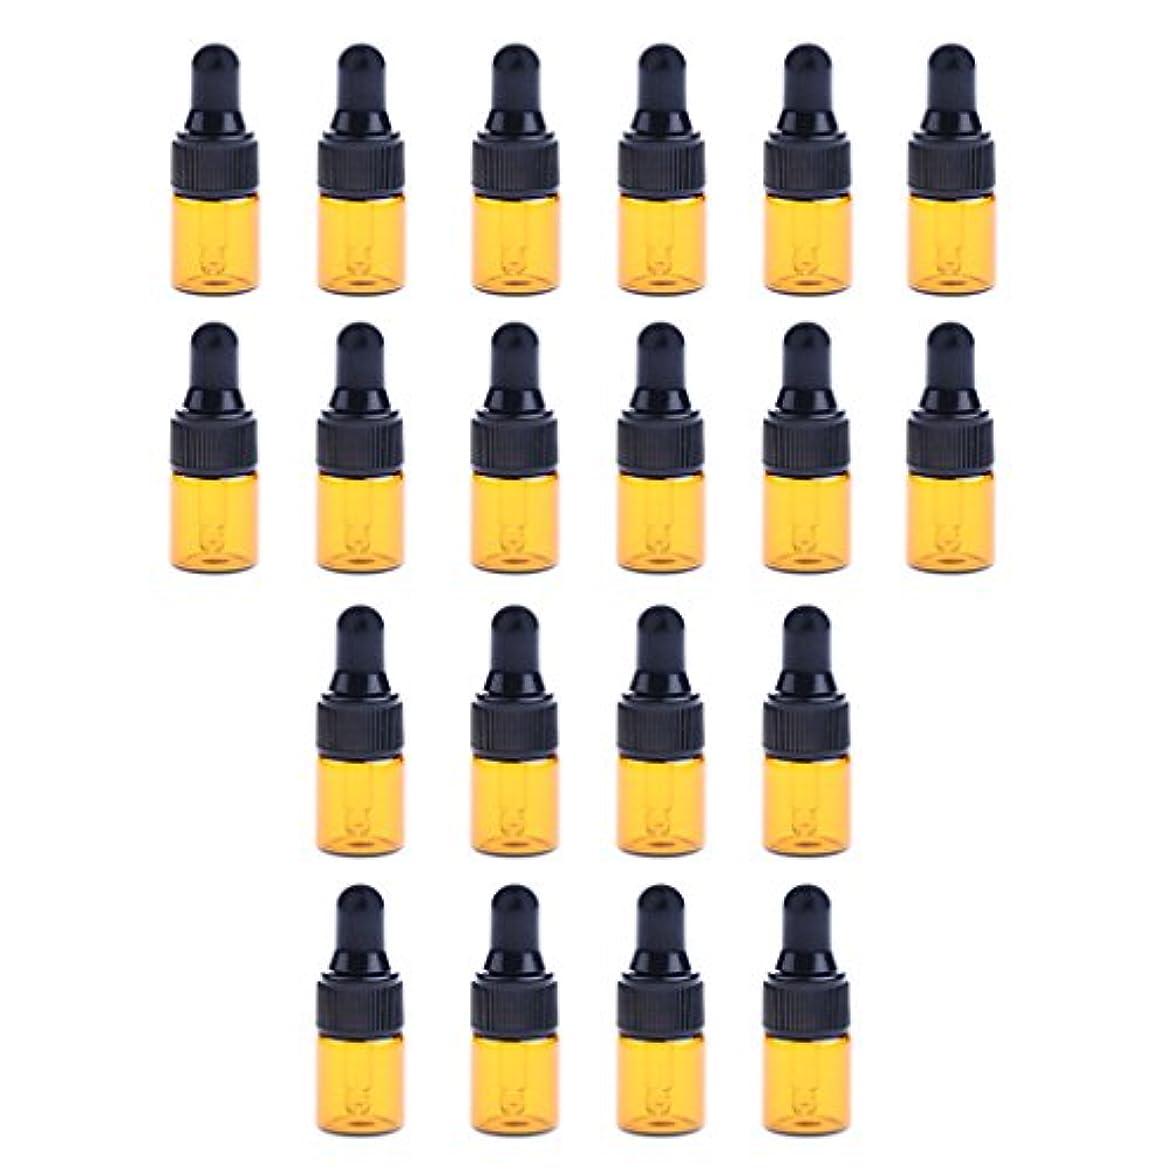 撤回する急速なアスレチックdailymall 全3サイズ スポイトボトル ガラスボトル 詰替え 香水 オイル 化粧品 コスメ用 遮光ビン 約20個 - 1ML